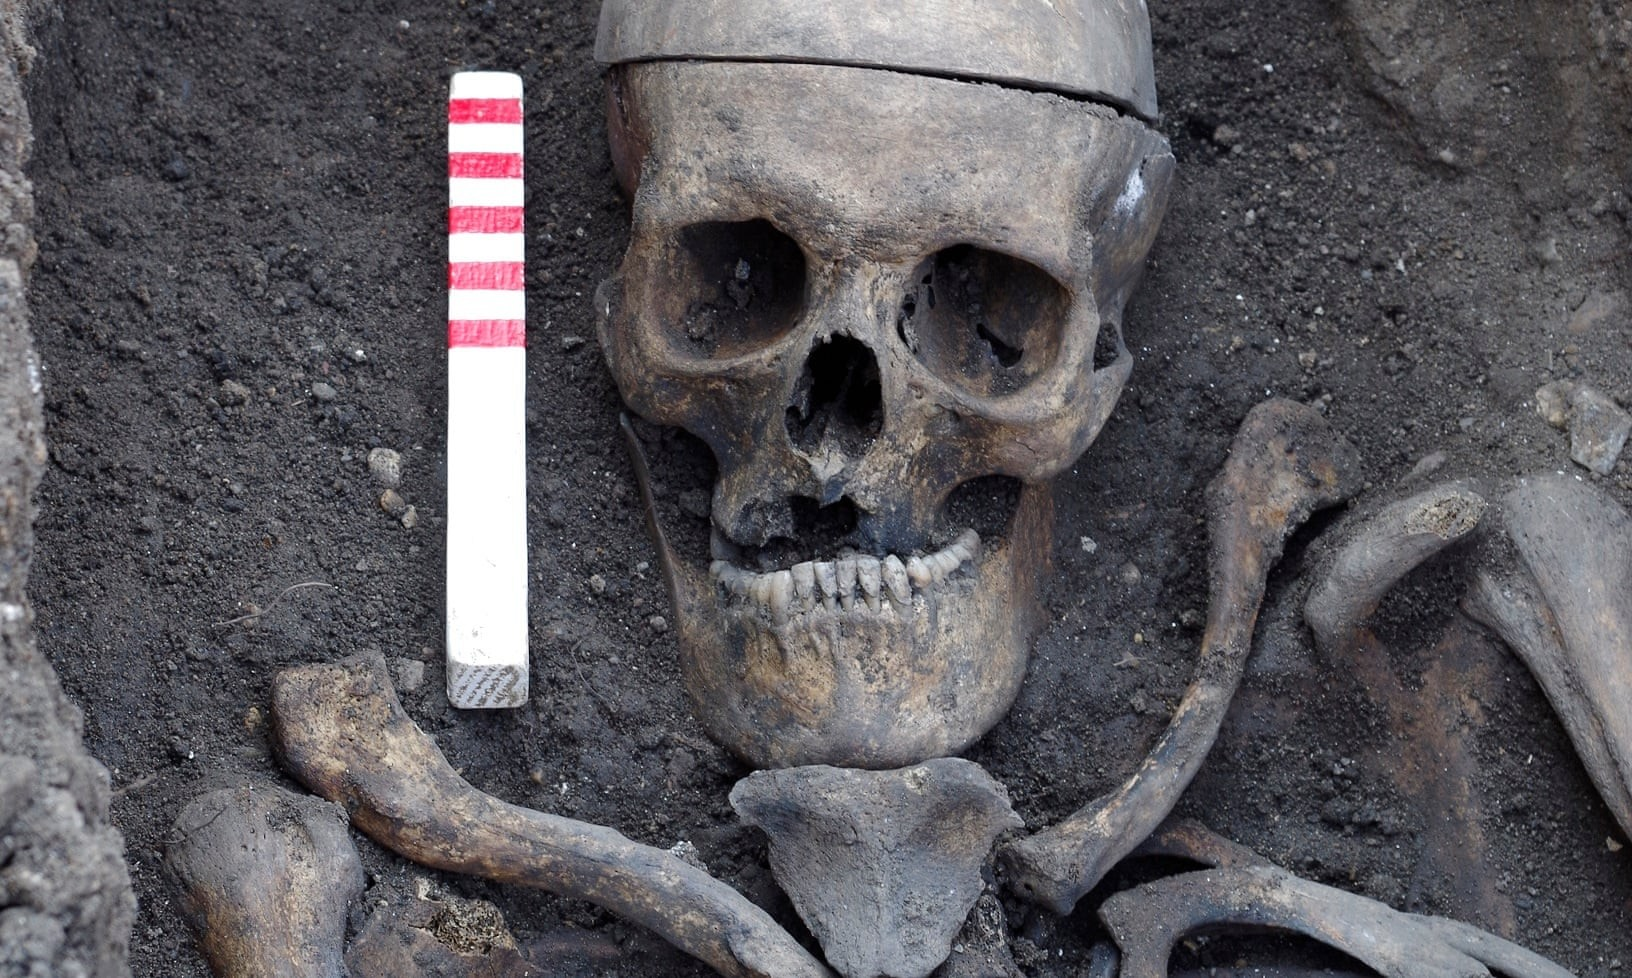 Esqueleto localizado em antigo cemitério de Londres (Foto: Divulgação/ Wessex Archaeology)